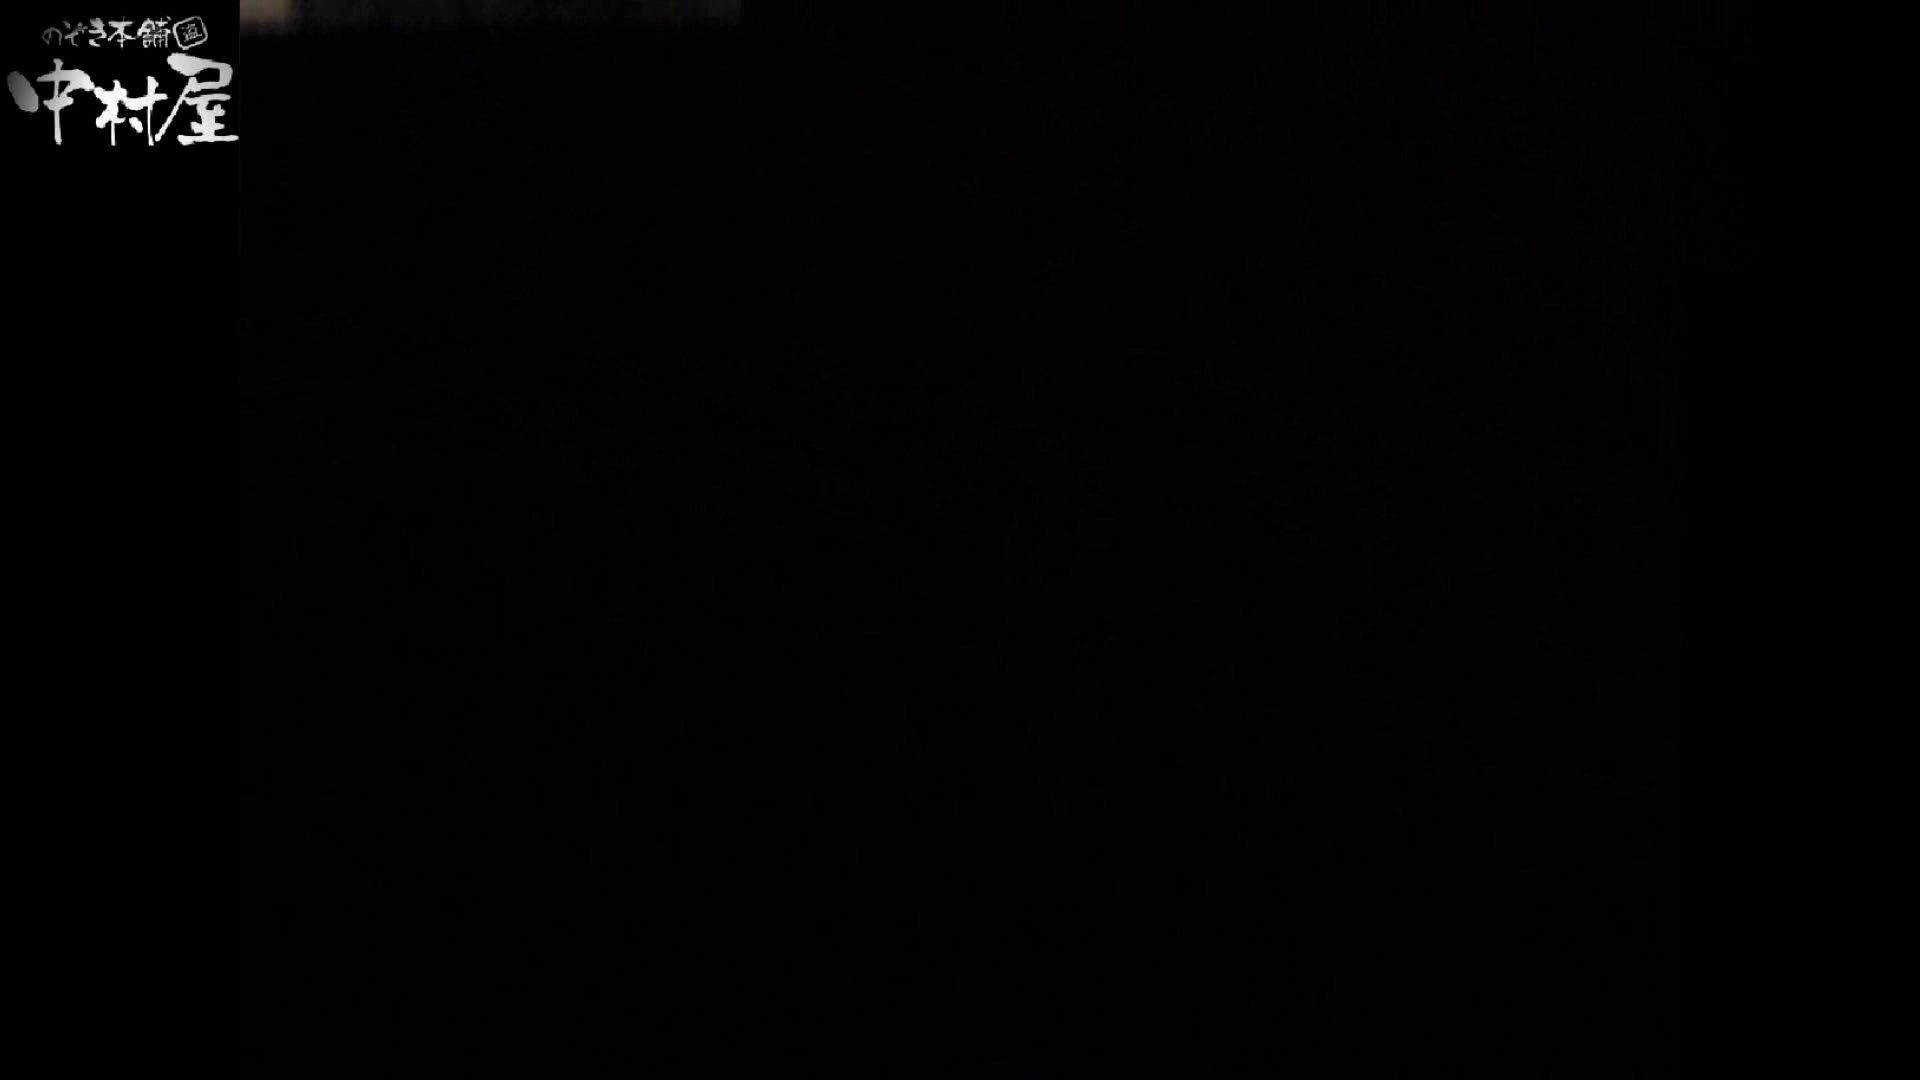 民家風呂専門盗撮師の超危険映像 vol.023 盗撮映像  64Pix 62